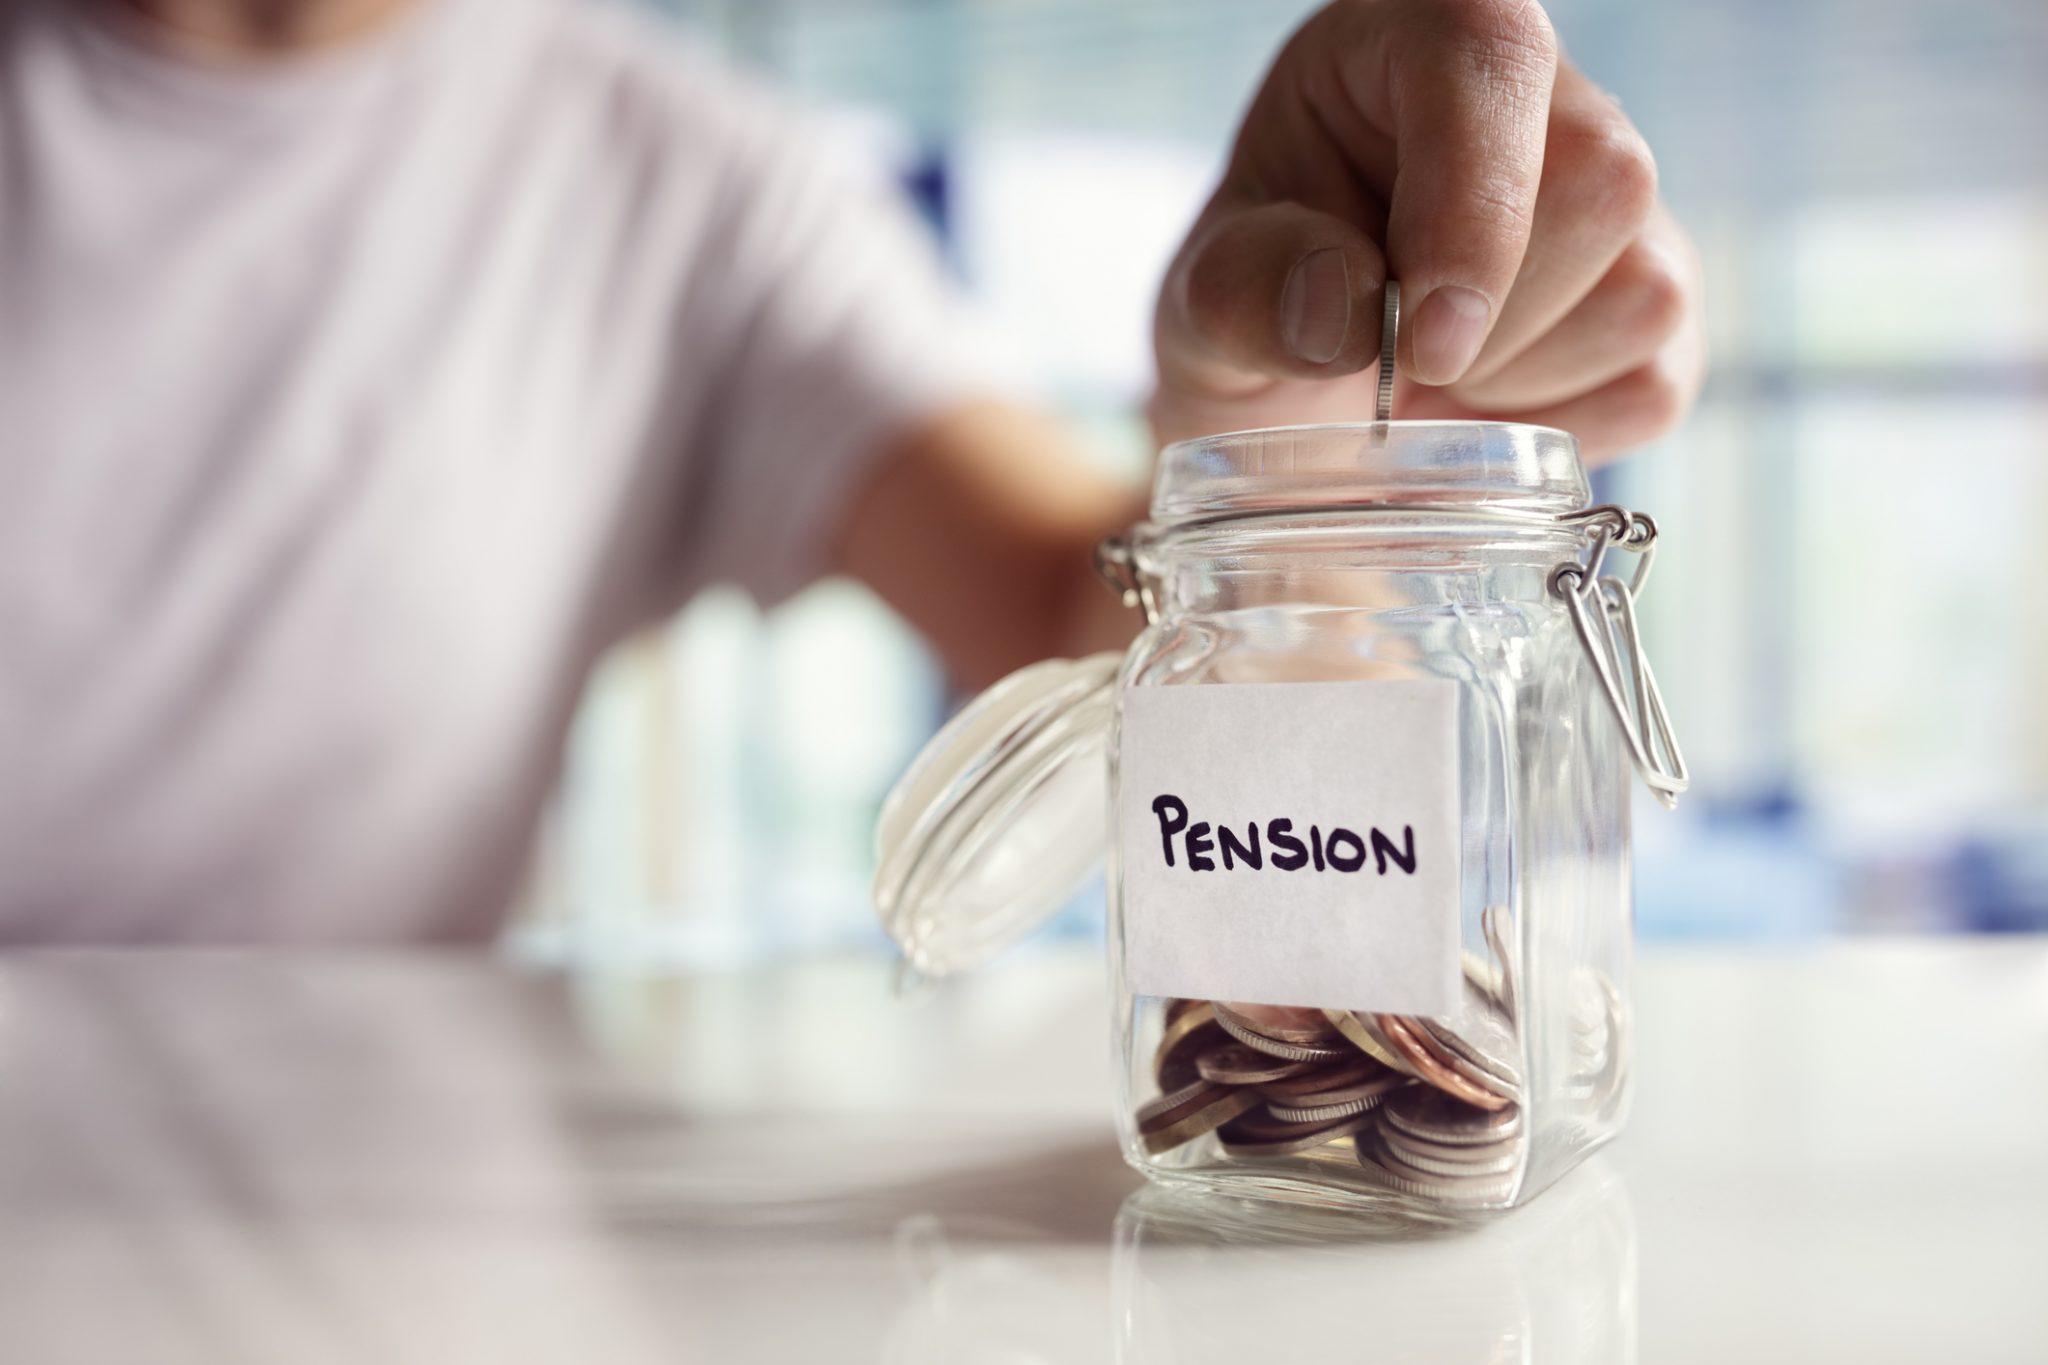 Réforme retraite pension pensions futur système